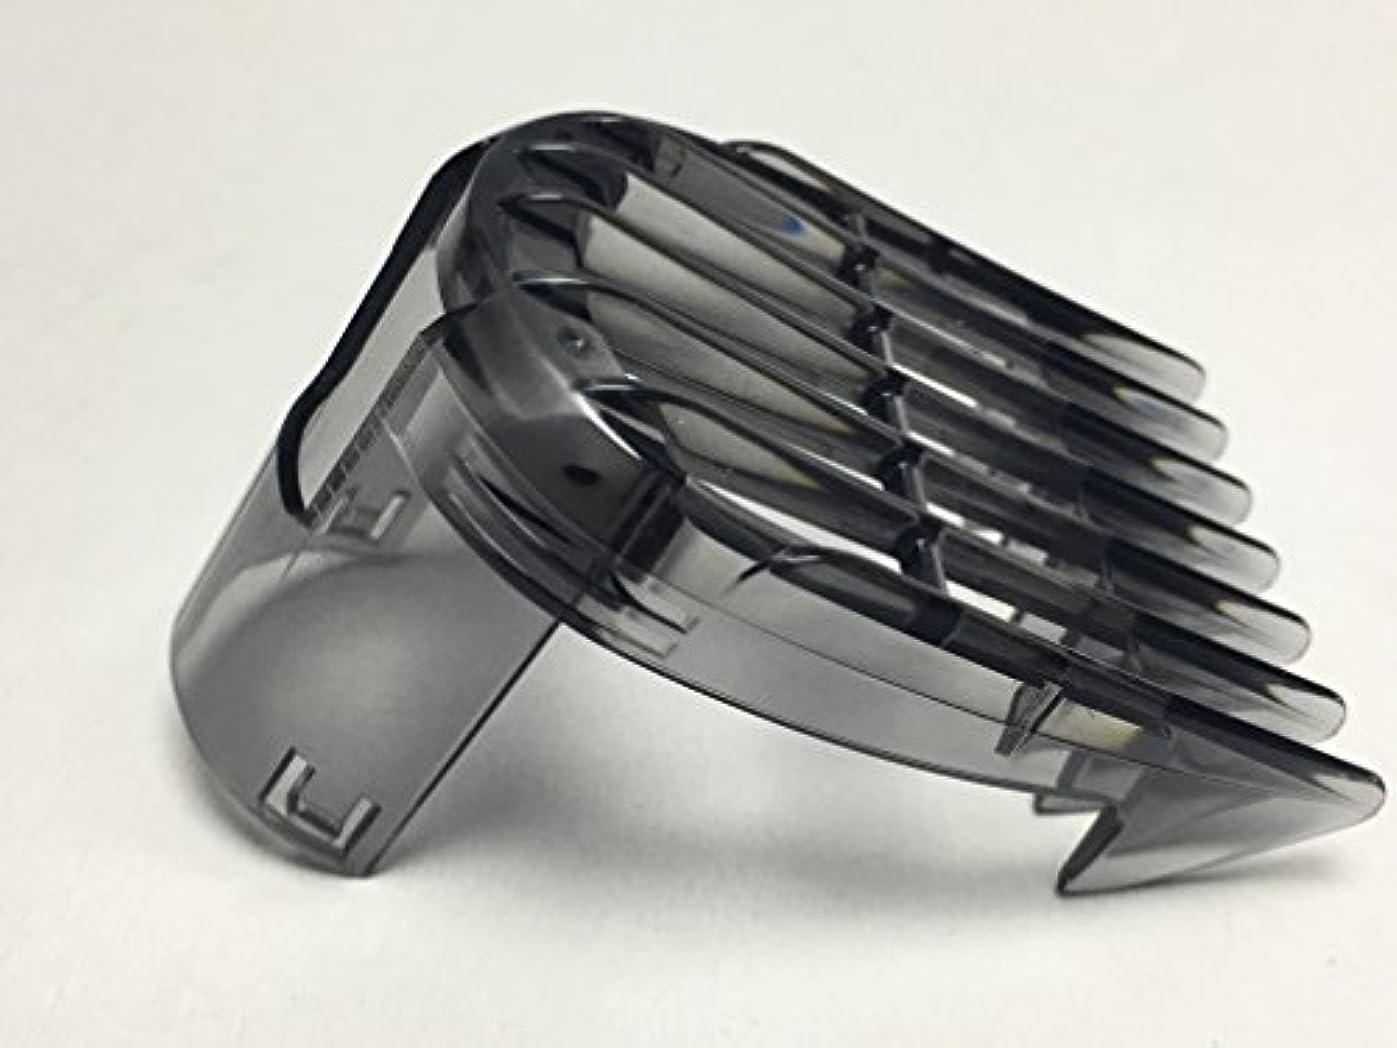 調停するバンクアシュリータファーマンシェービングカミソリトリマークリッパーコーム フィリップス Philips QC5572 QC5582 QC5572/15 QC5582/15 3-15mm ヘア 櫛 細部コーム Shaver Razor hair trimmer...